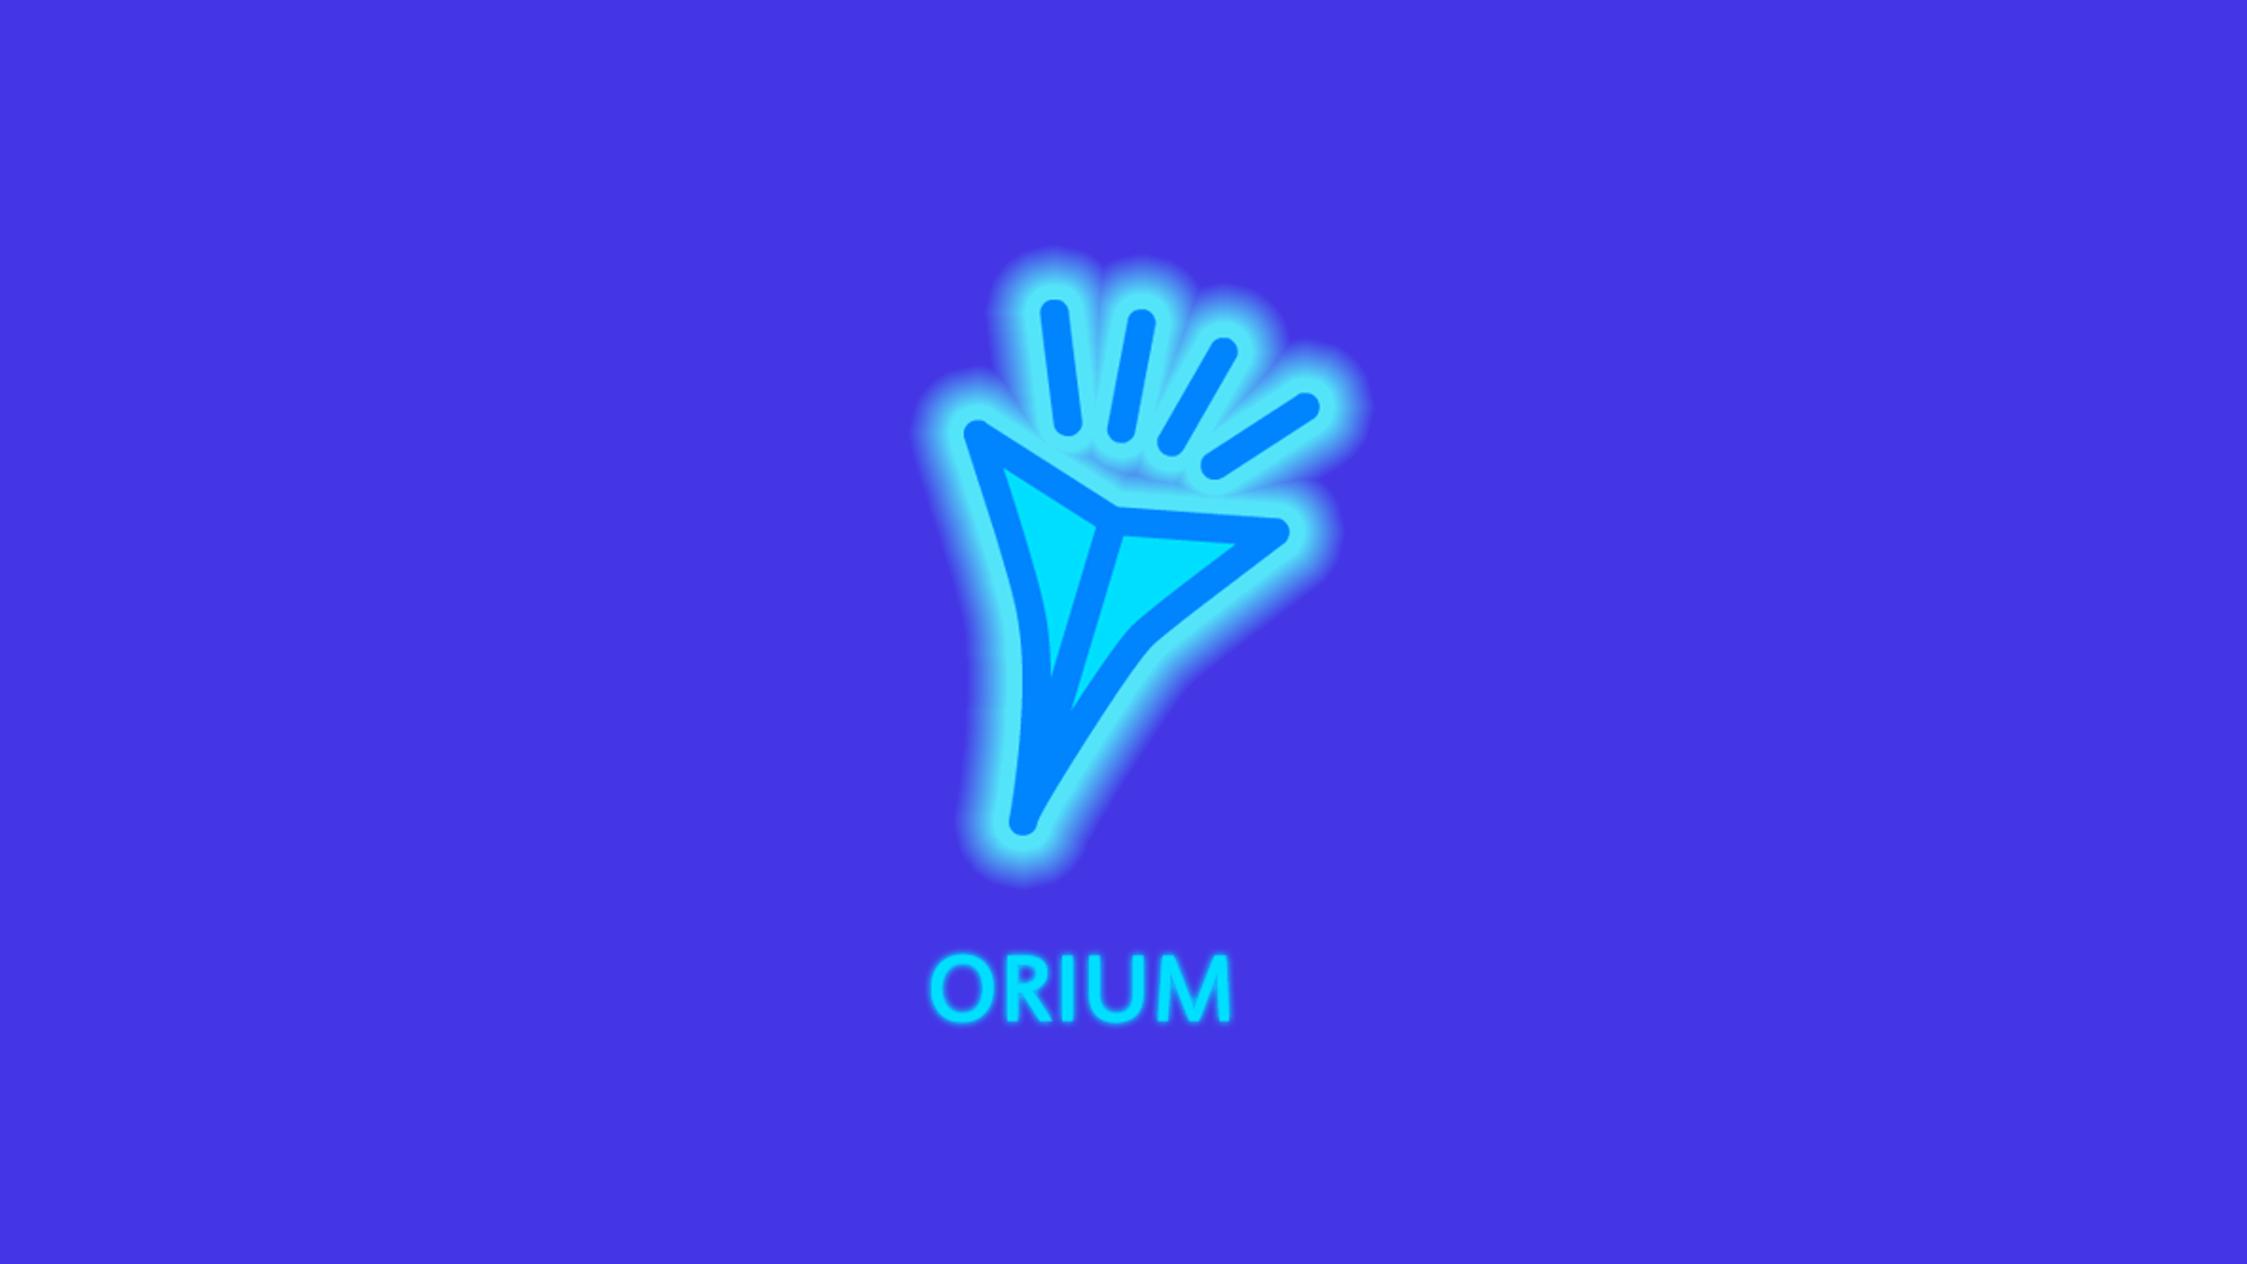 Orium games